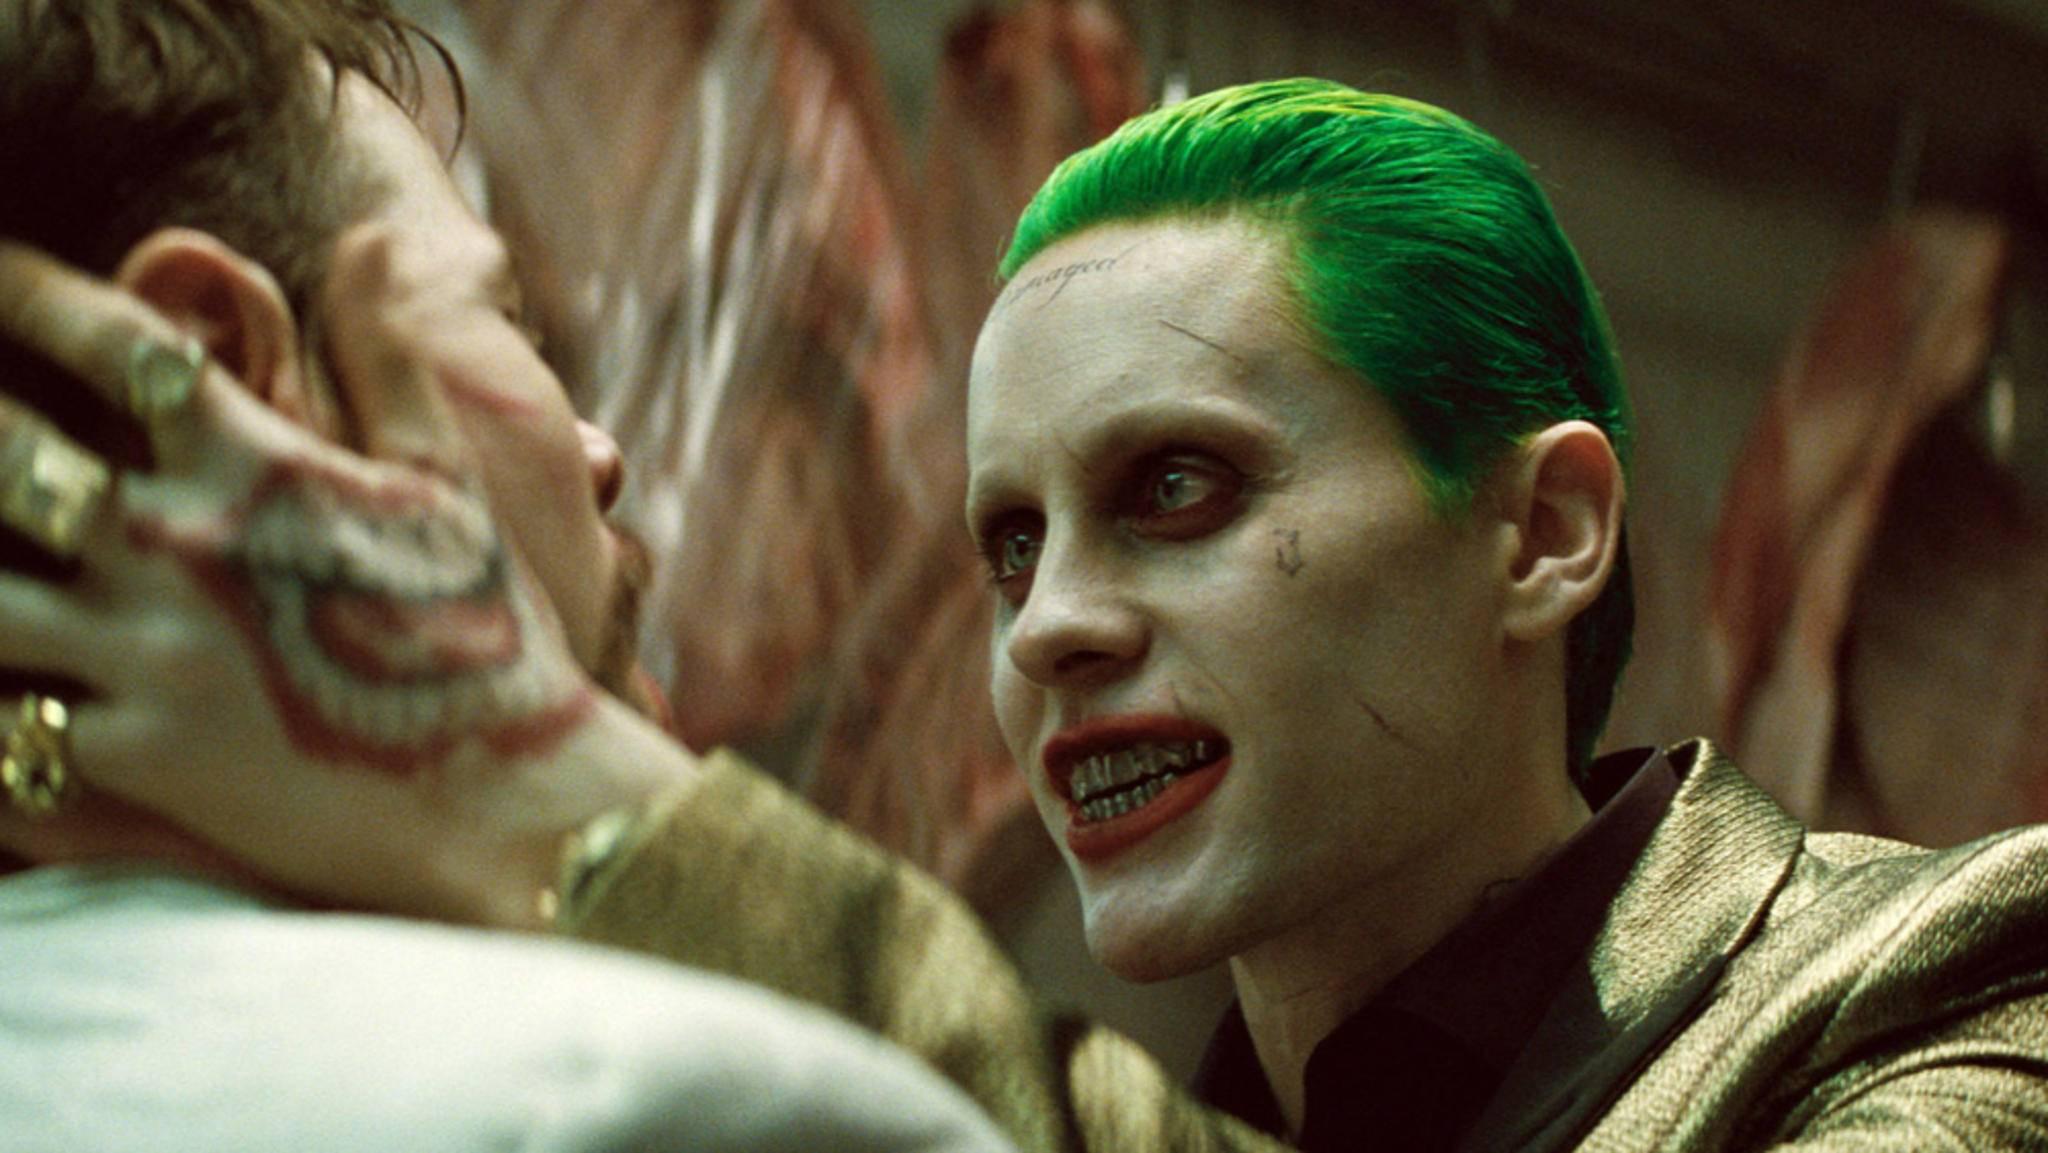 Letos Joker ist bald in einem Solofilm zu fiesen Scherzen aufgelegt.